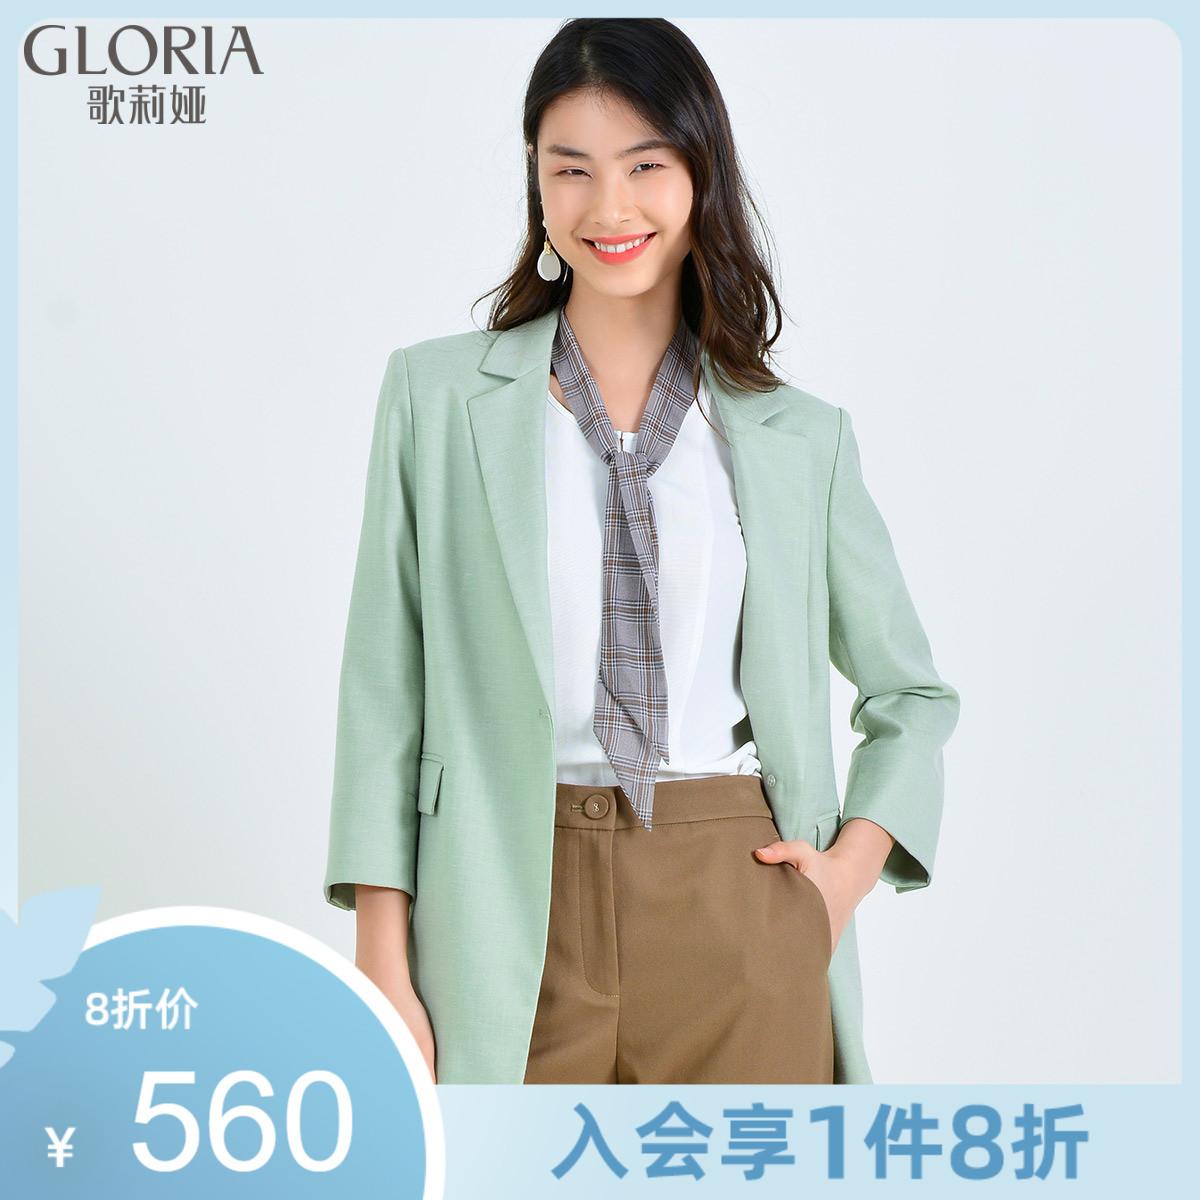 商场同款Gloria|歌莉娅秋季新品翻领直身型西装外套108C6M060怎么样